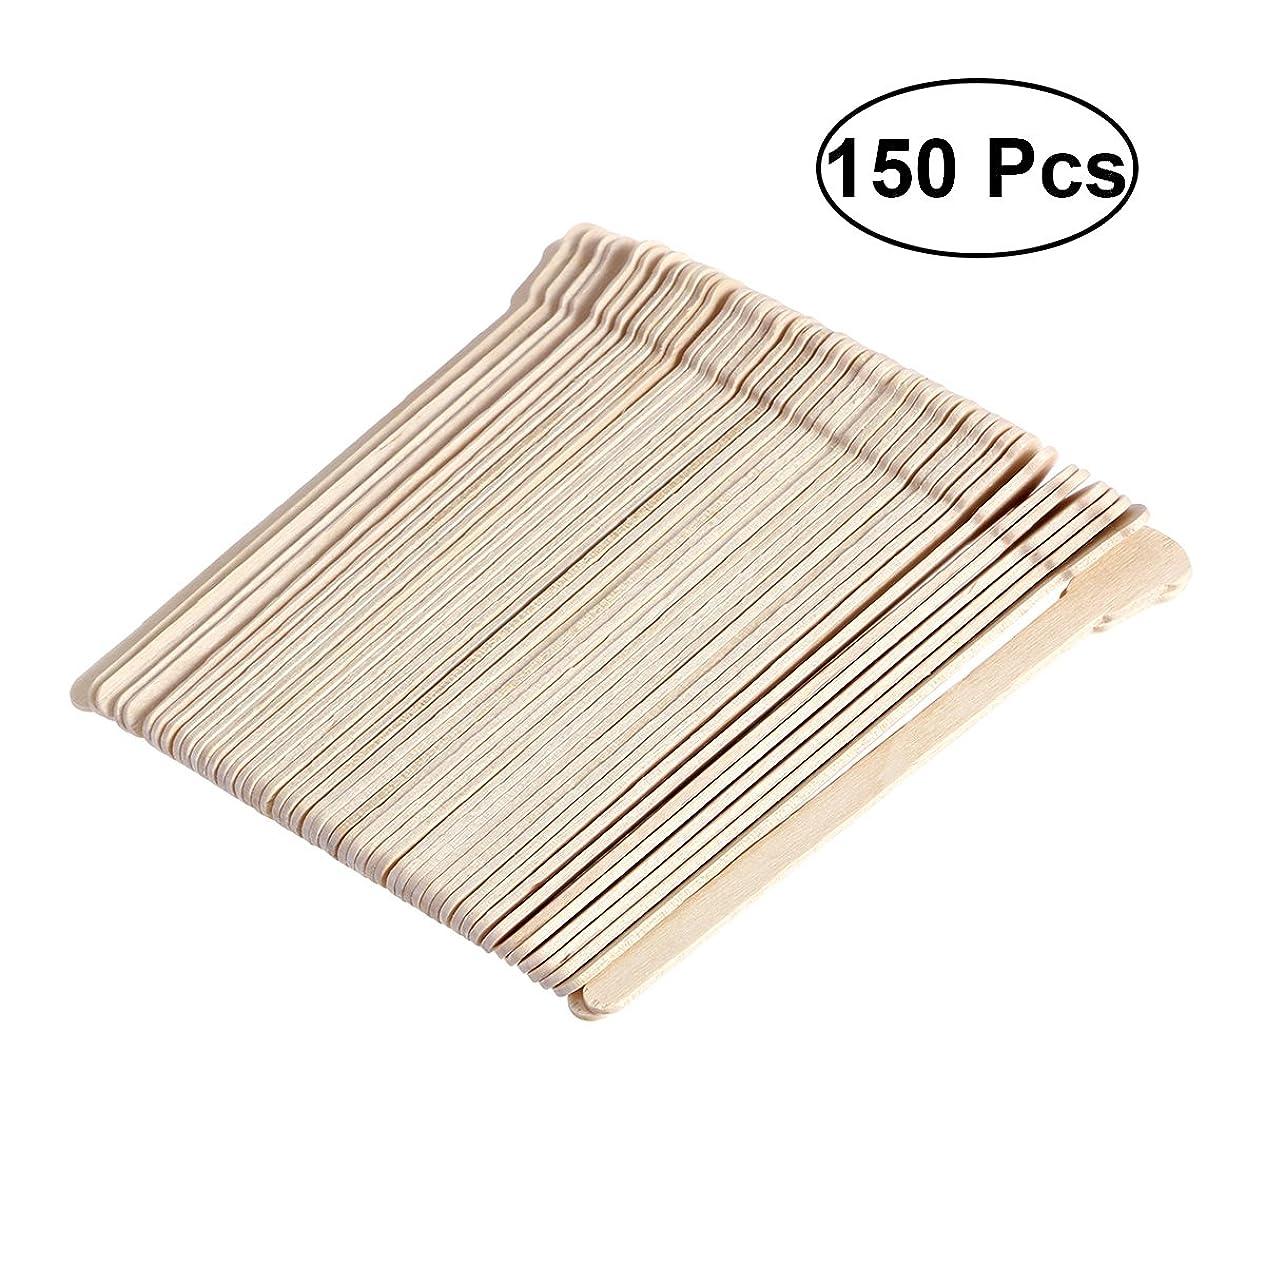 フィット脳玉ねぎSUPVOX 150ピース木製ワックススティックフェイス眉毛ワックスへら脱毛(オリジナル木製色)